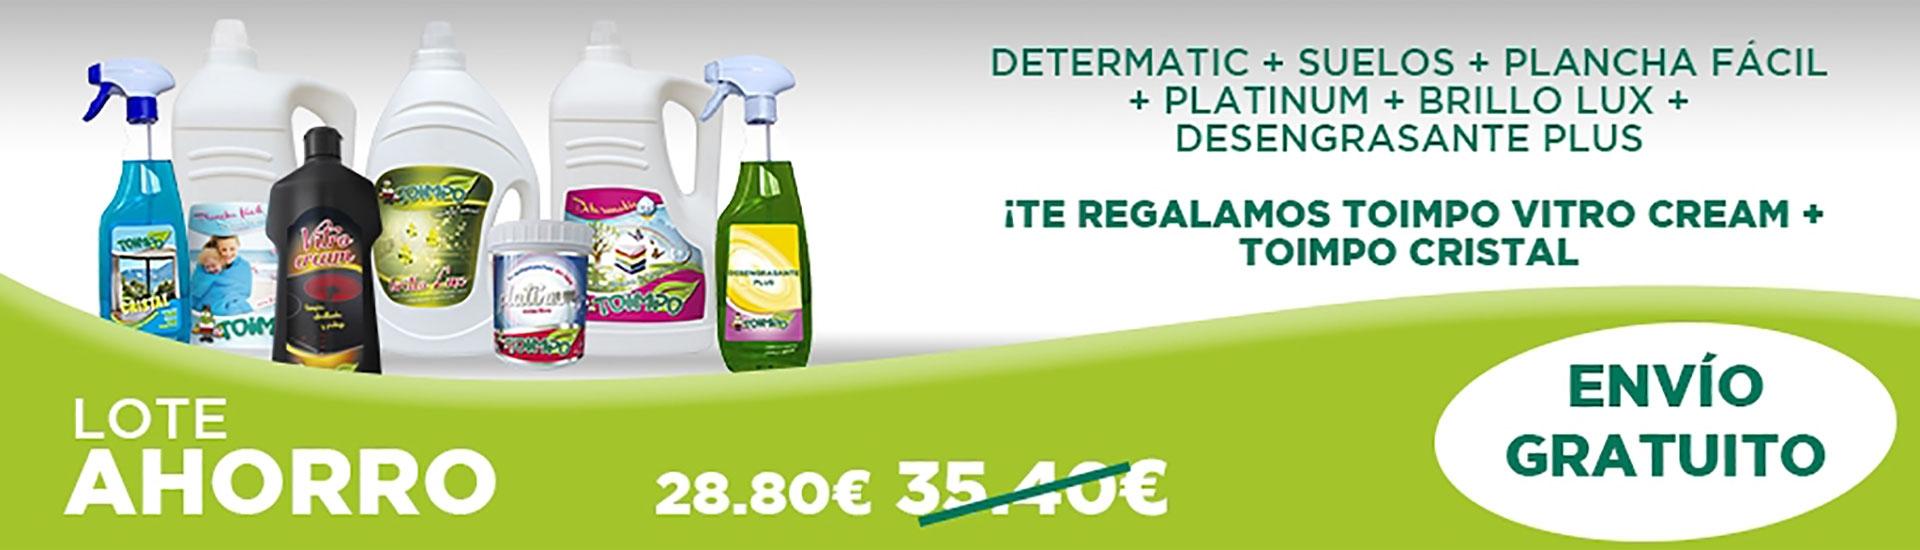 LOTE AHORRO: descuento + Vitrocream + Cristal gratis + envío gratis